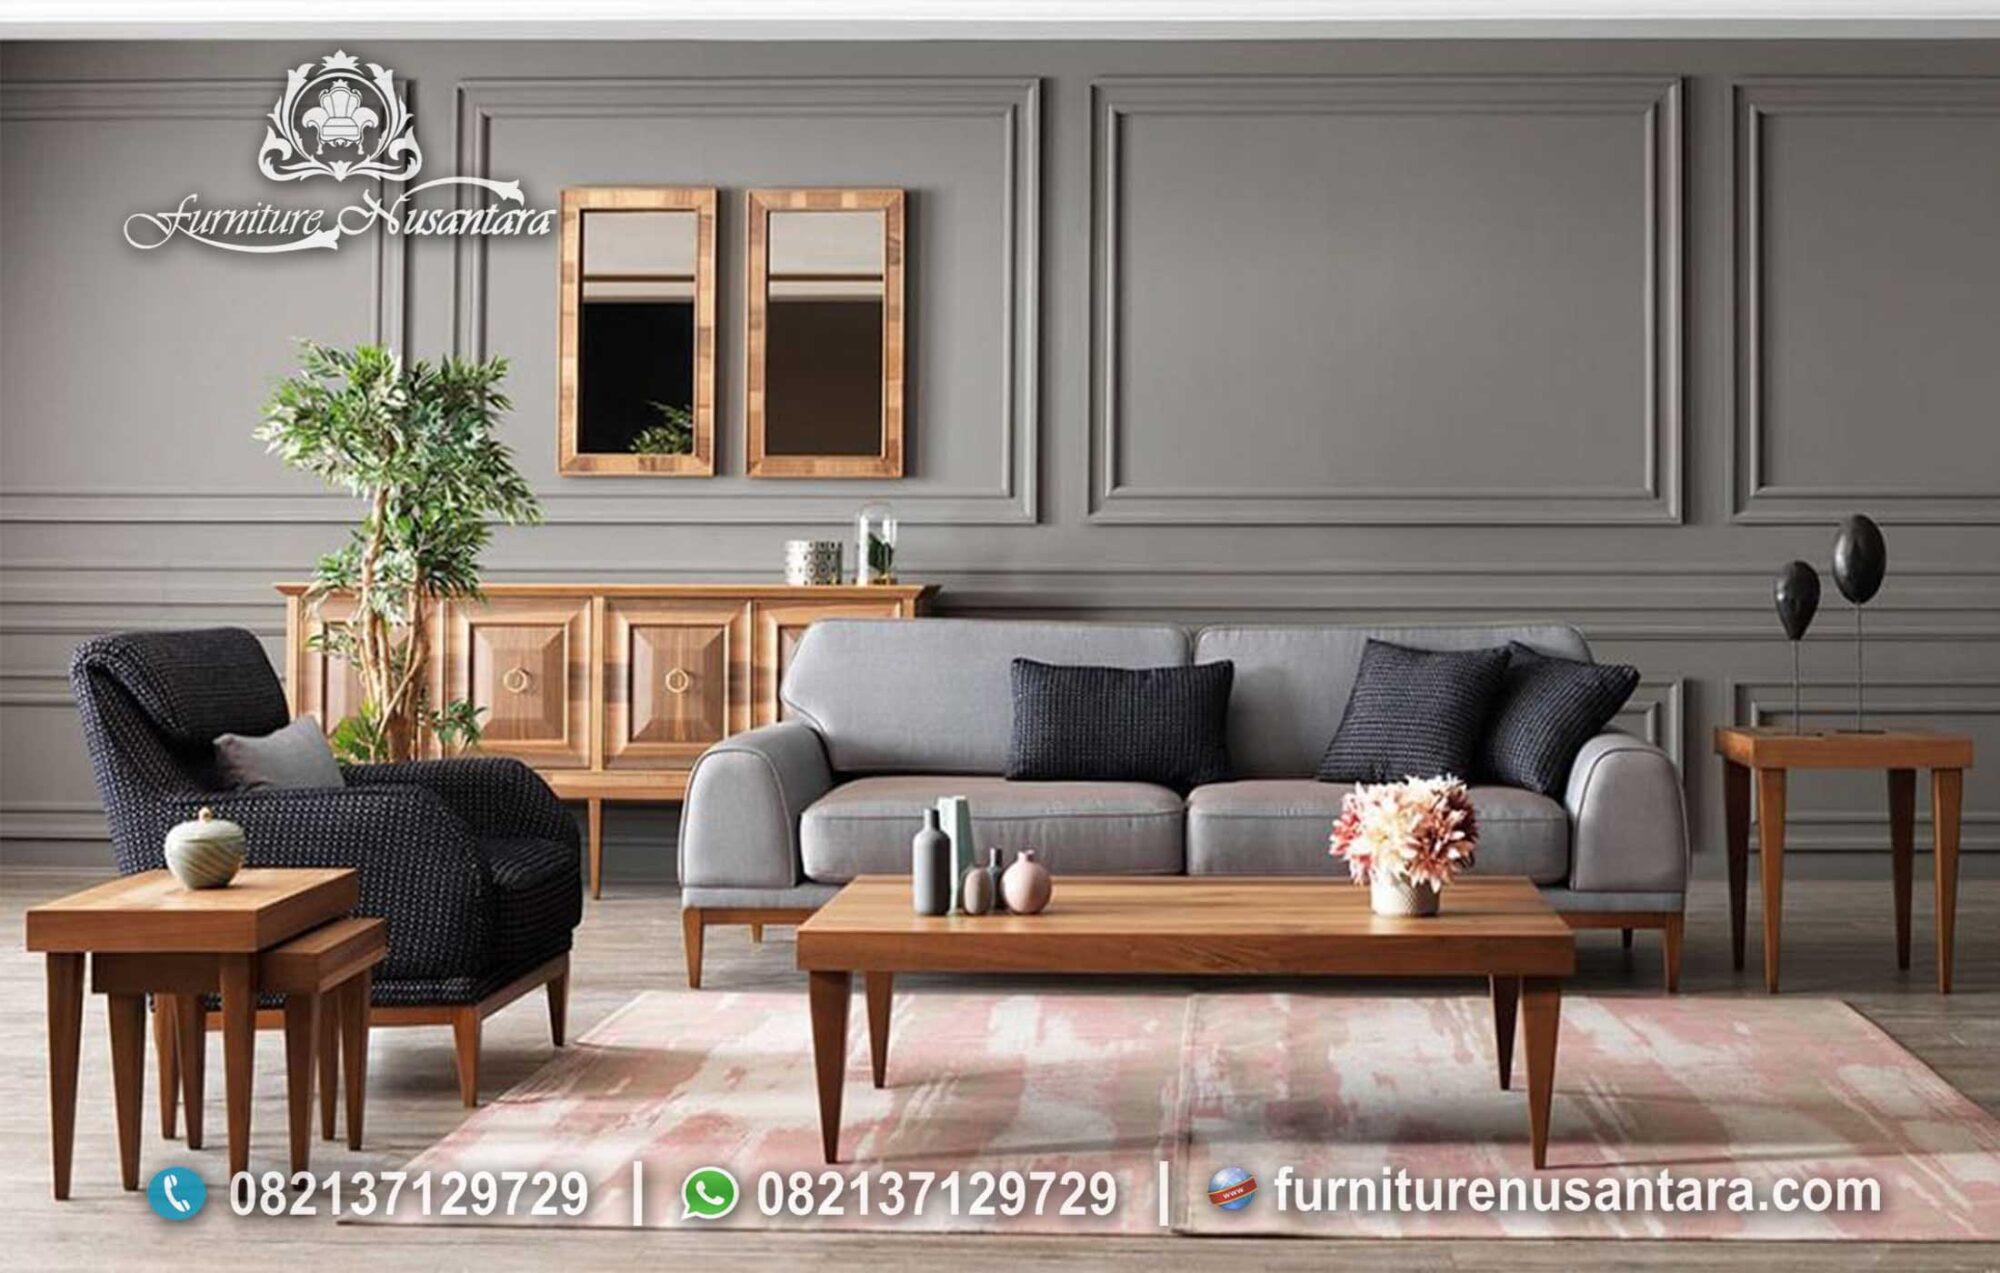 Desain Kursi Sofa Modern Terbaru ST-72, Furniture Nusantara